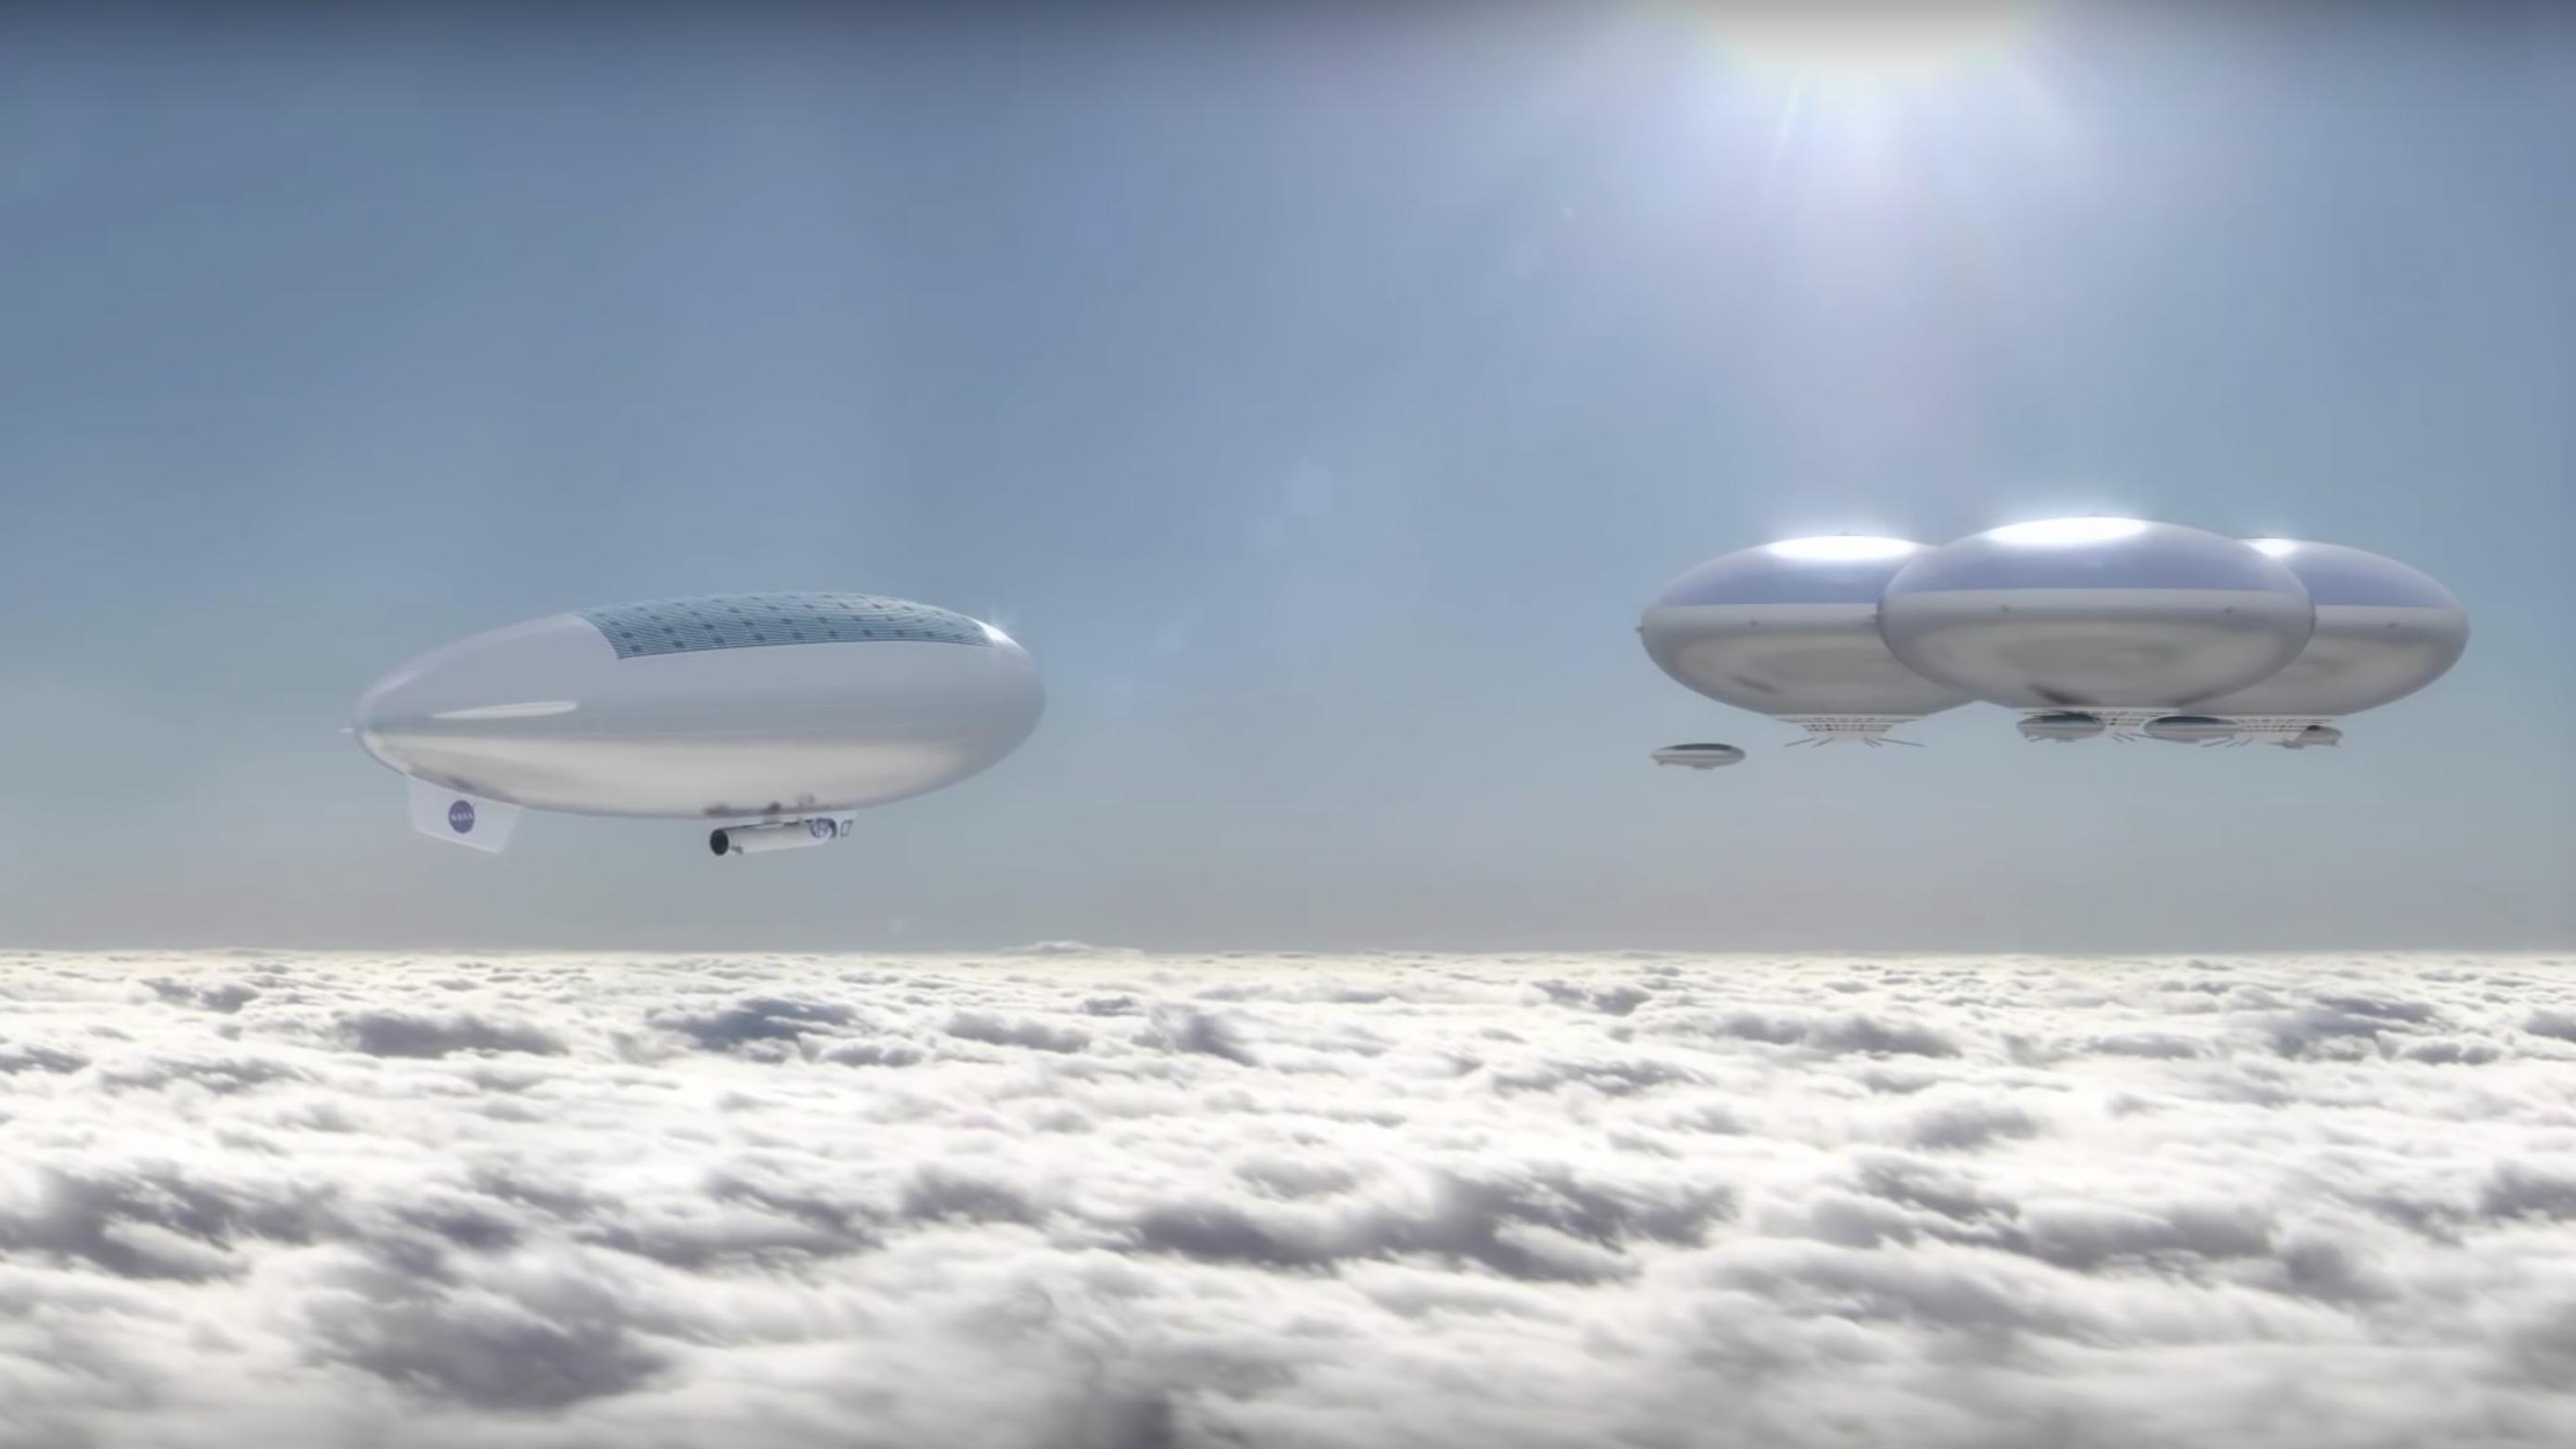 Как это может быть? НАСА планирует отправить людей наВенеру